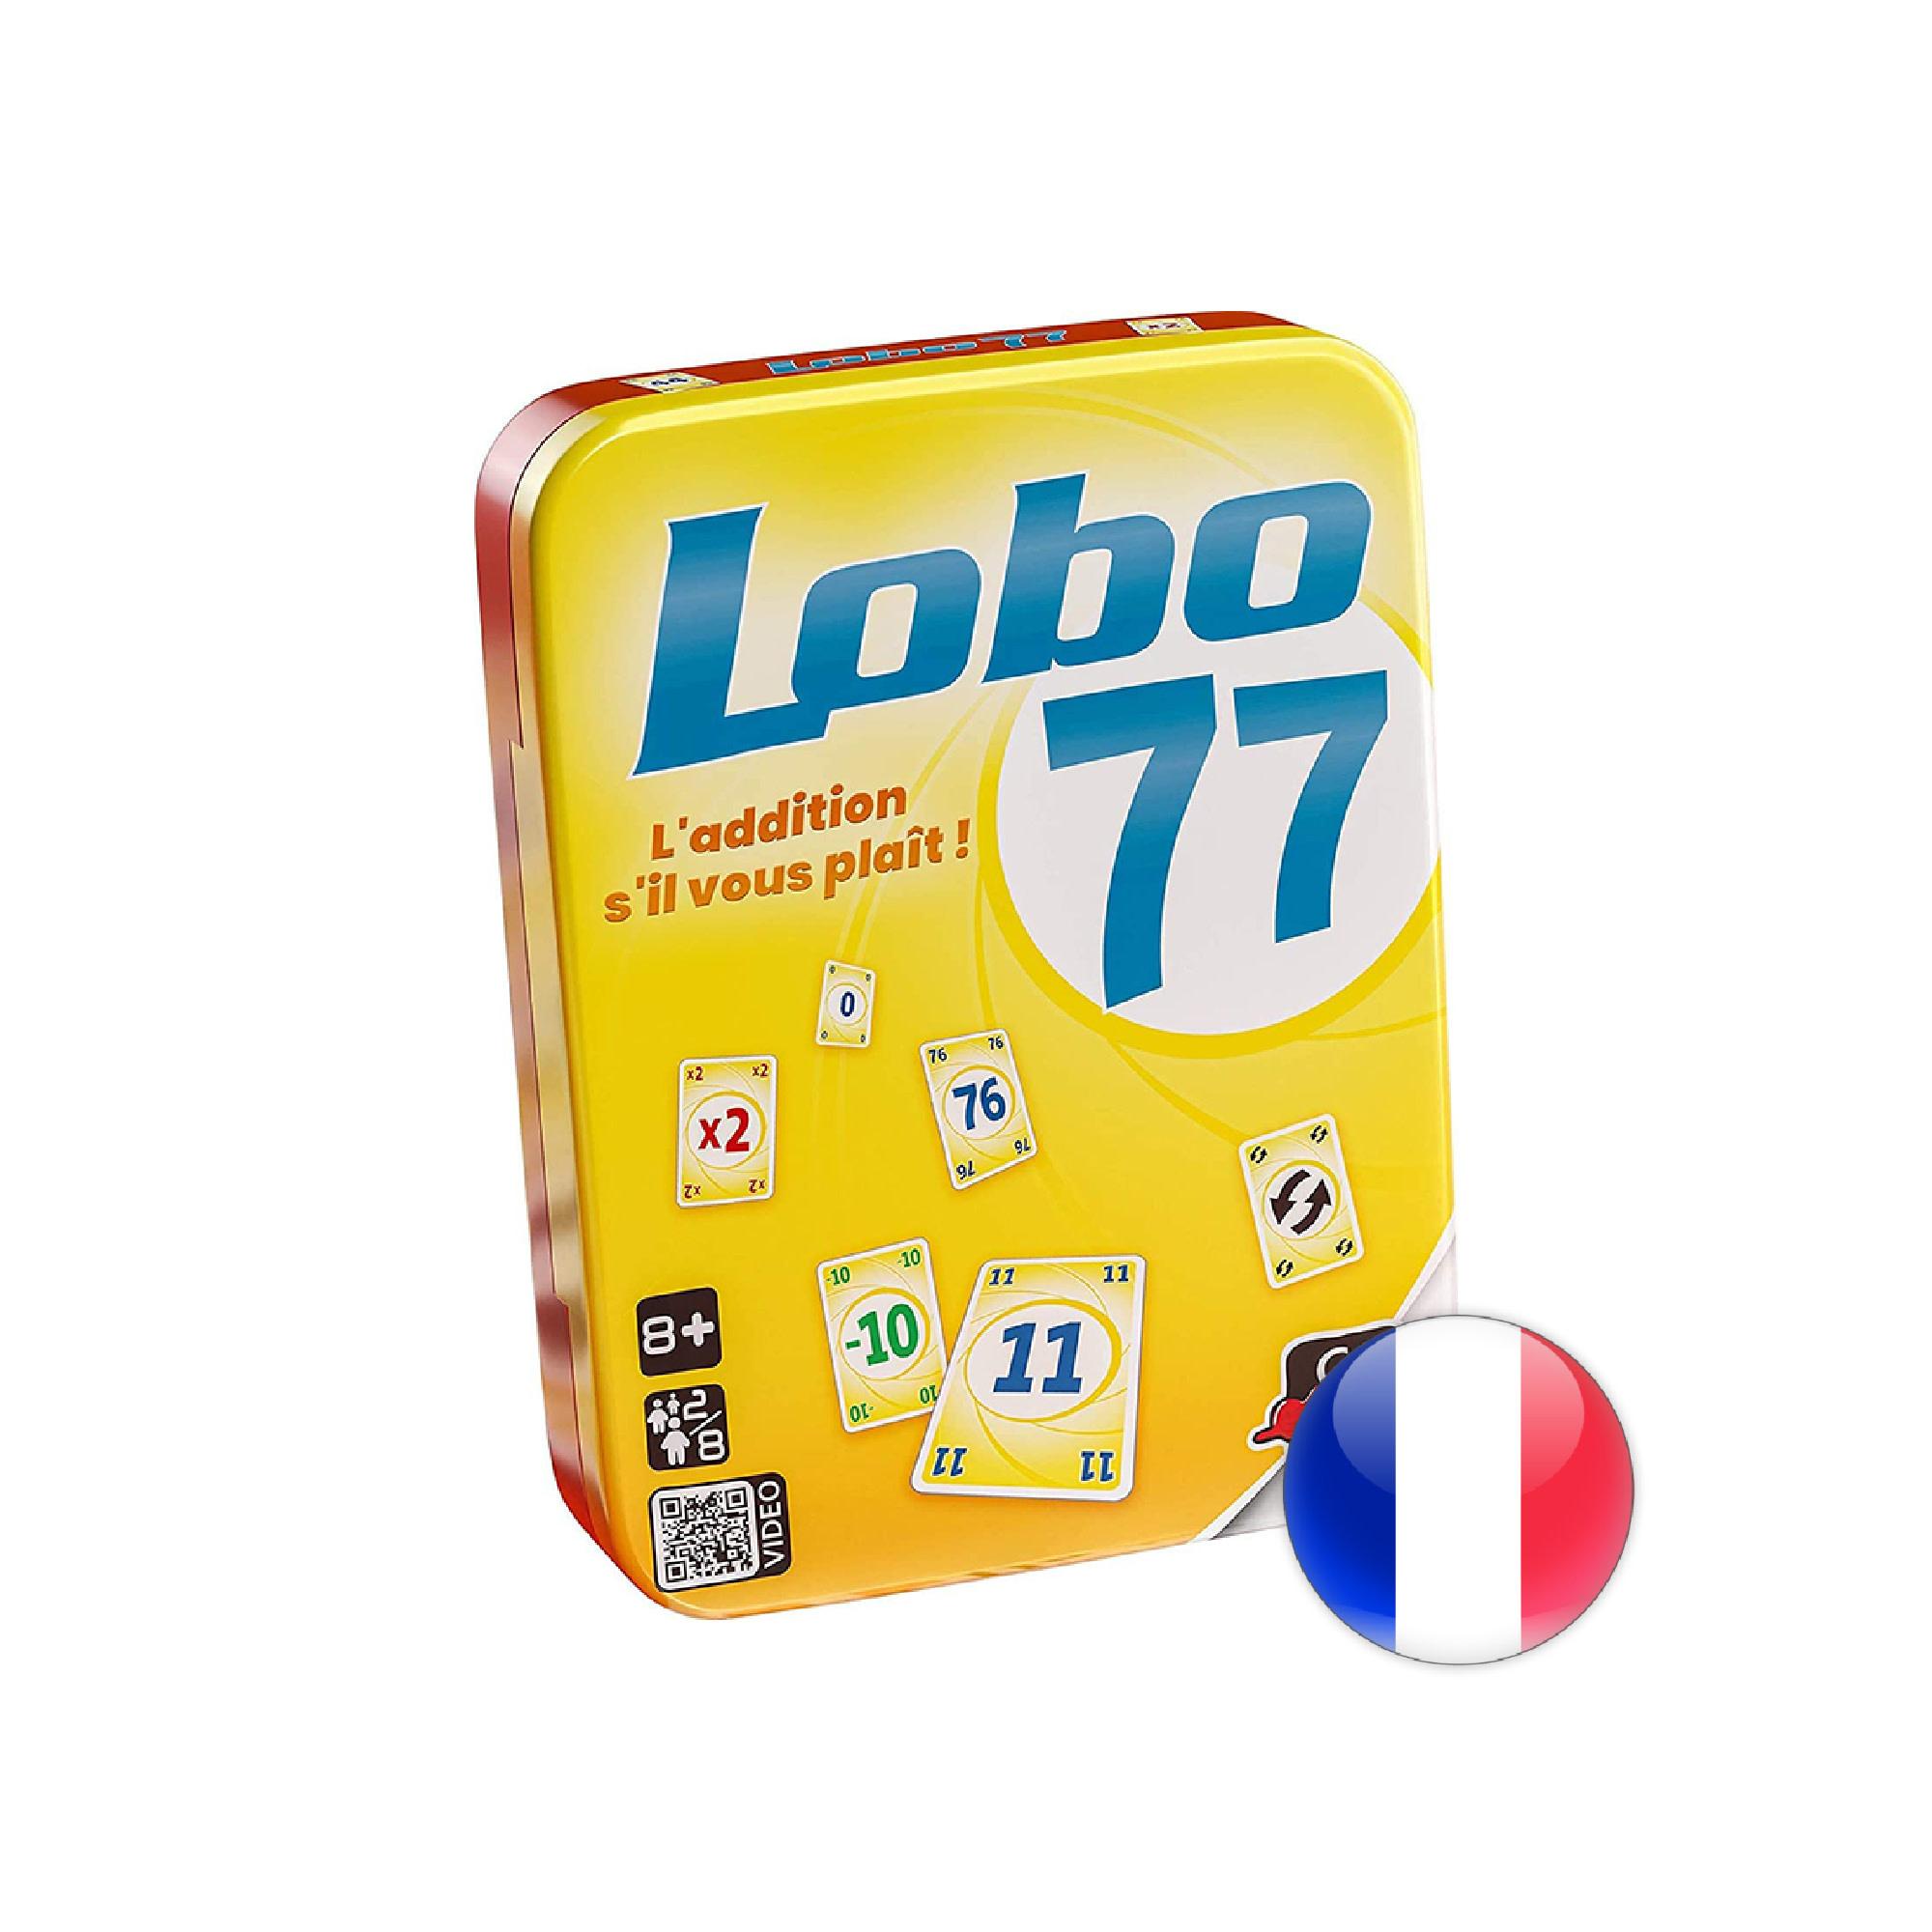 Gigamic Lobo 77